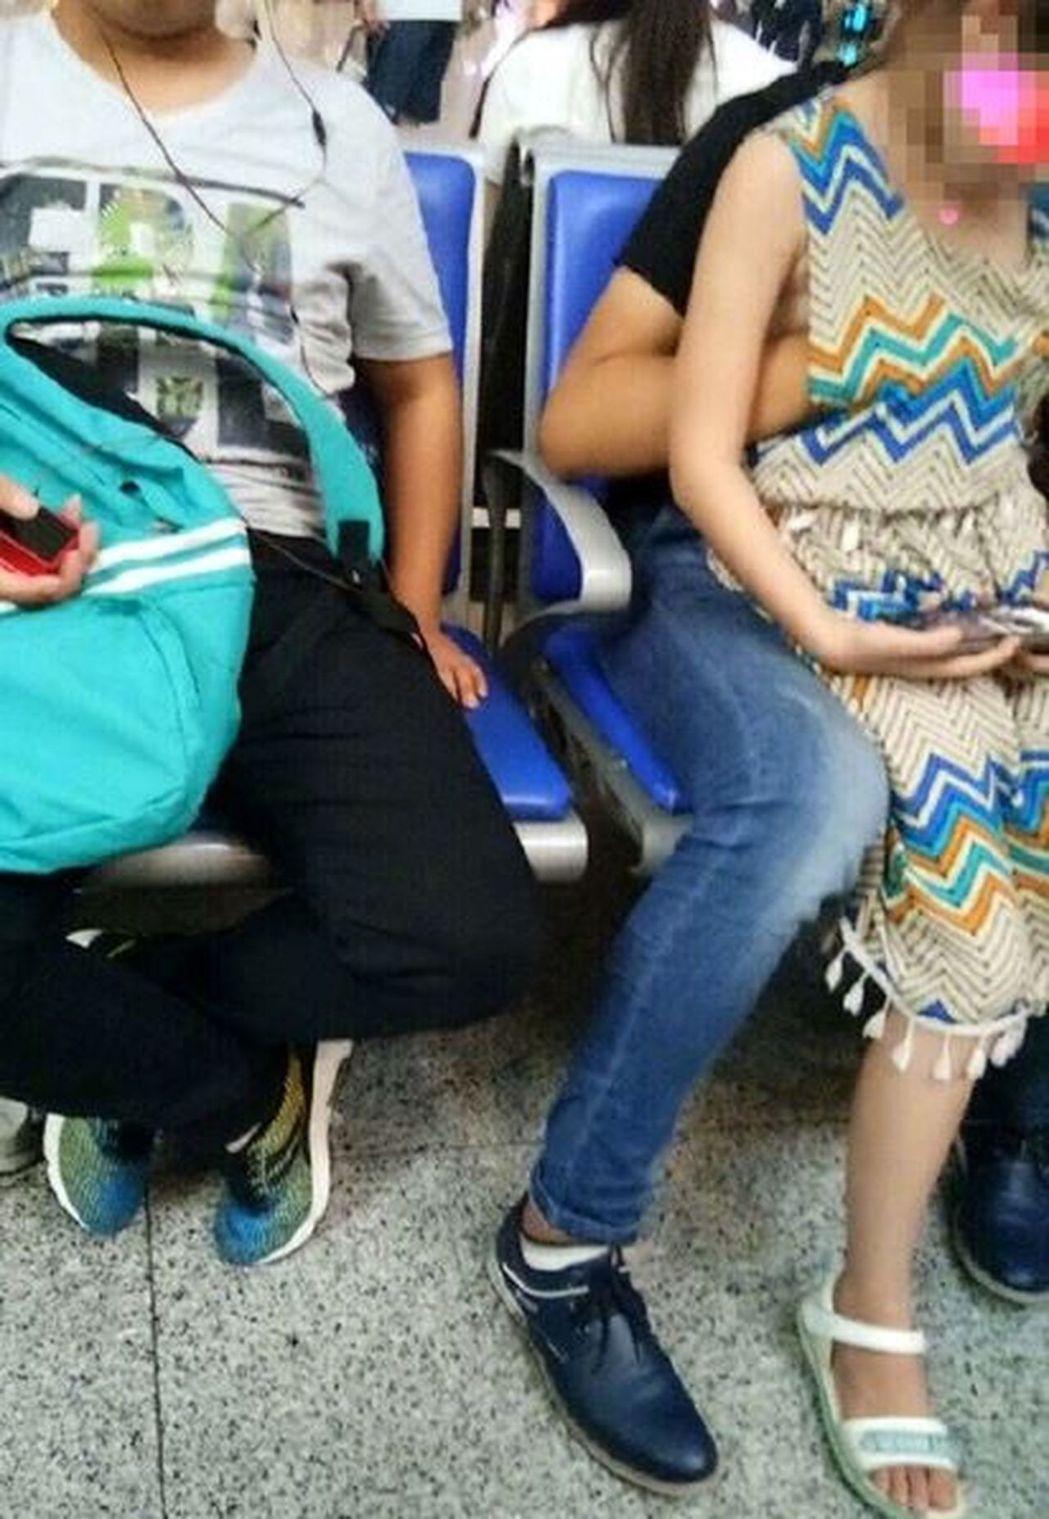 哥哥將手伸進女孩的衣服裡摸胸。圖取自微博